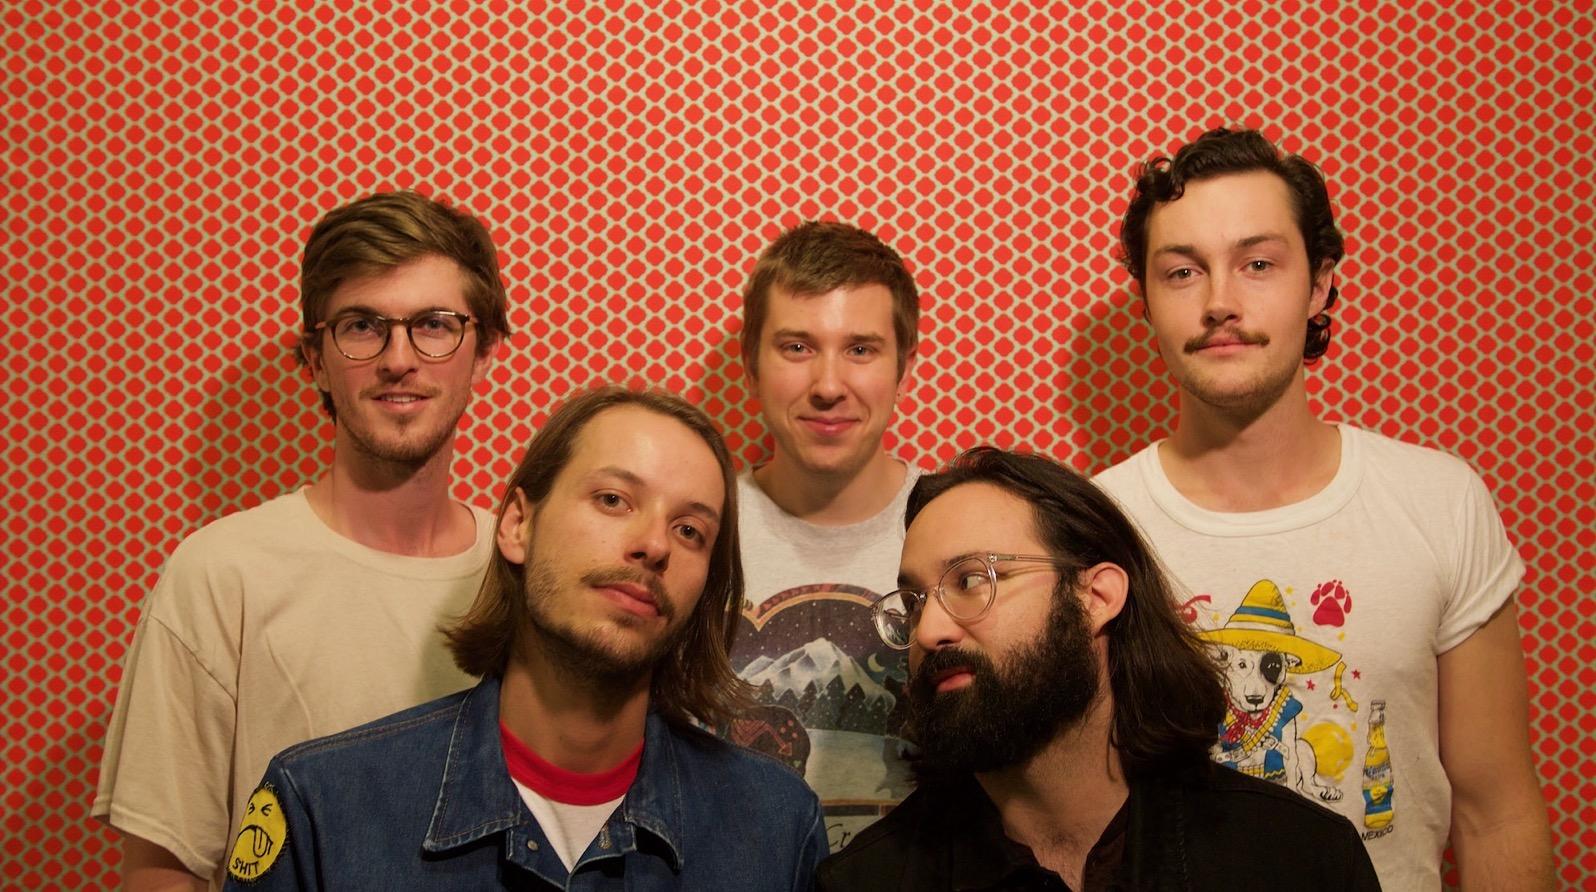 Tambourines - band photo